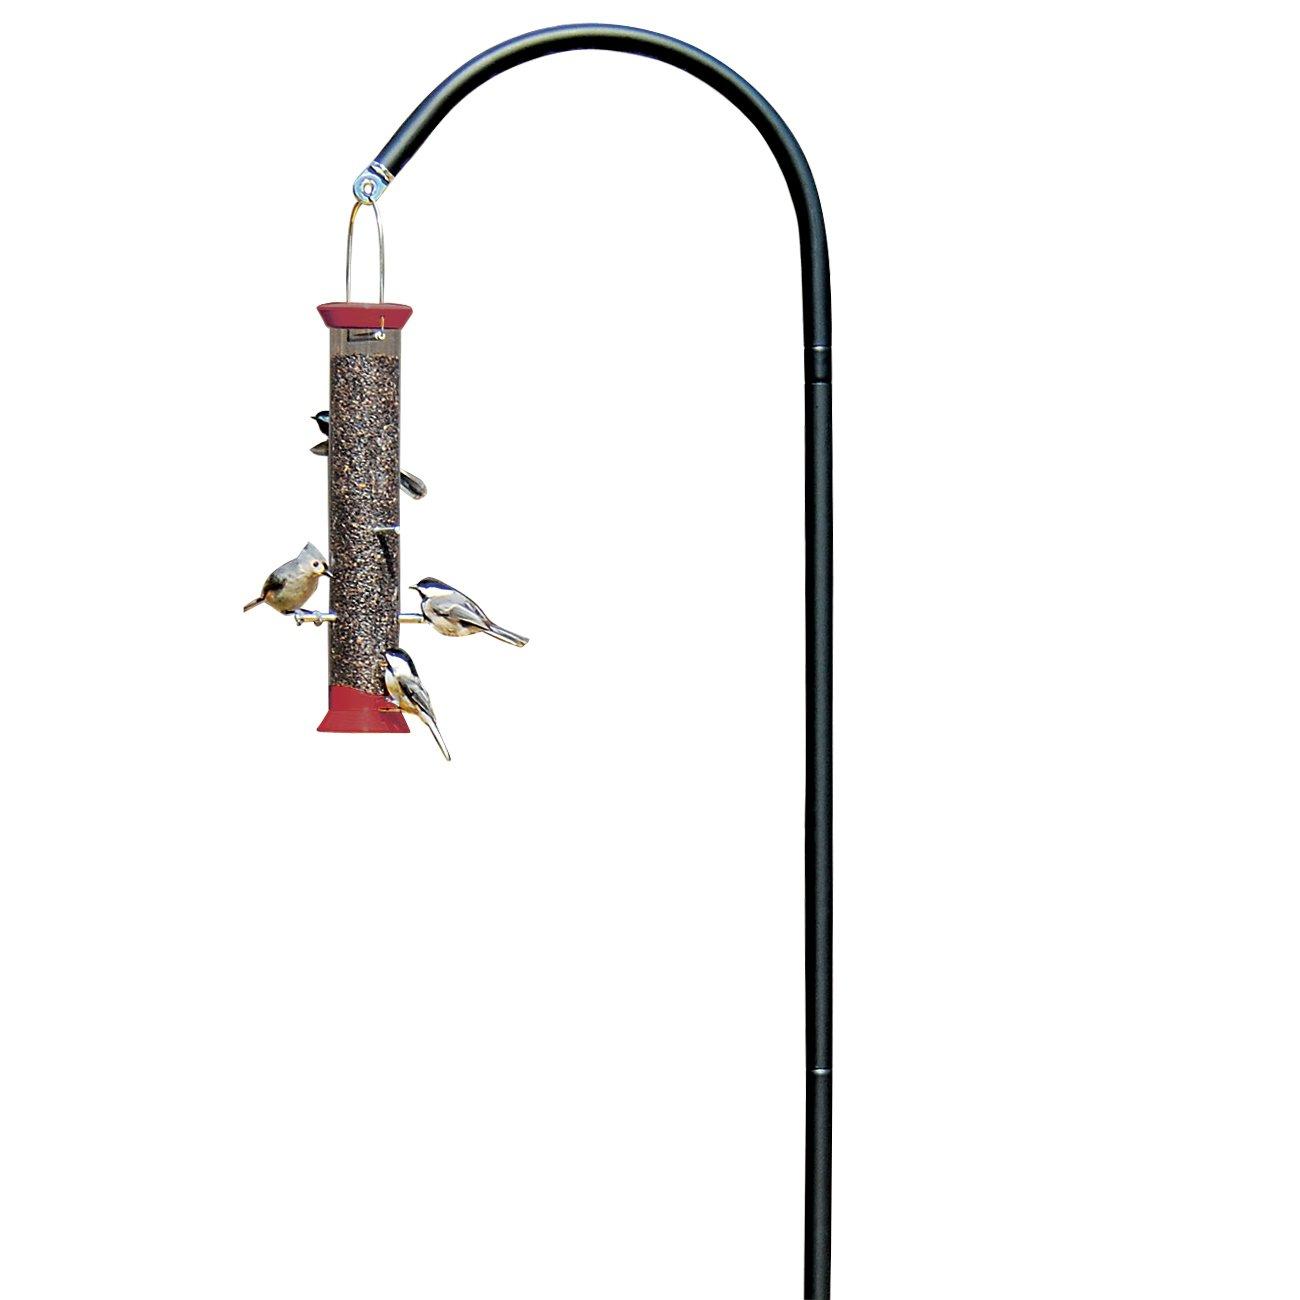 Droll Yankees Shepherd Hook, Bird Feeder Hanger Pole Outdoor Hanging Metal Stand, 77 Inch, Black, SEP by Droll Yankees (Image #2)